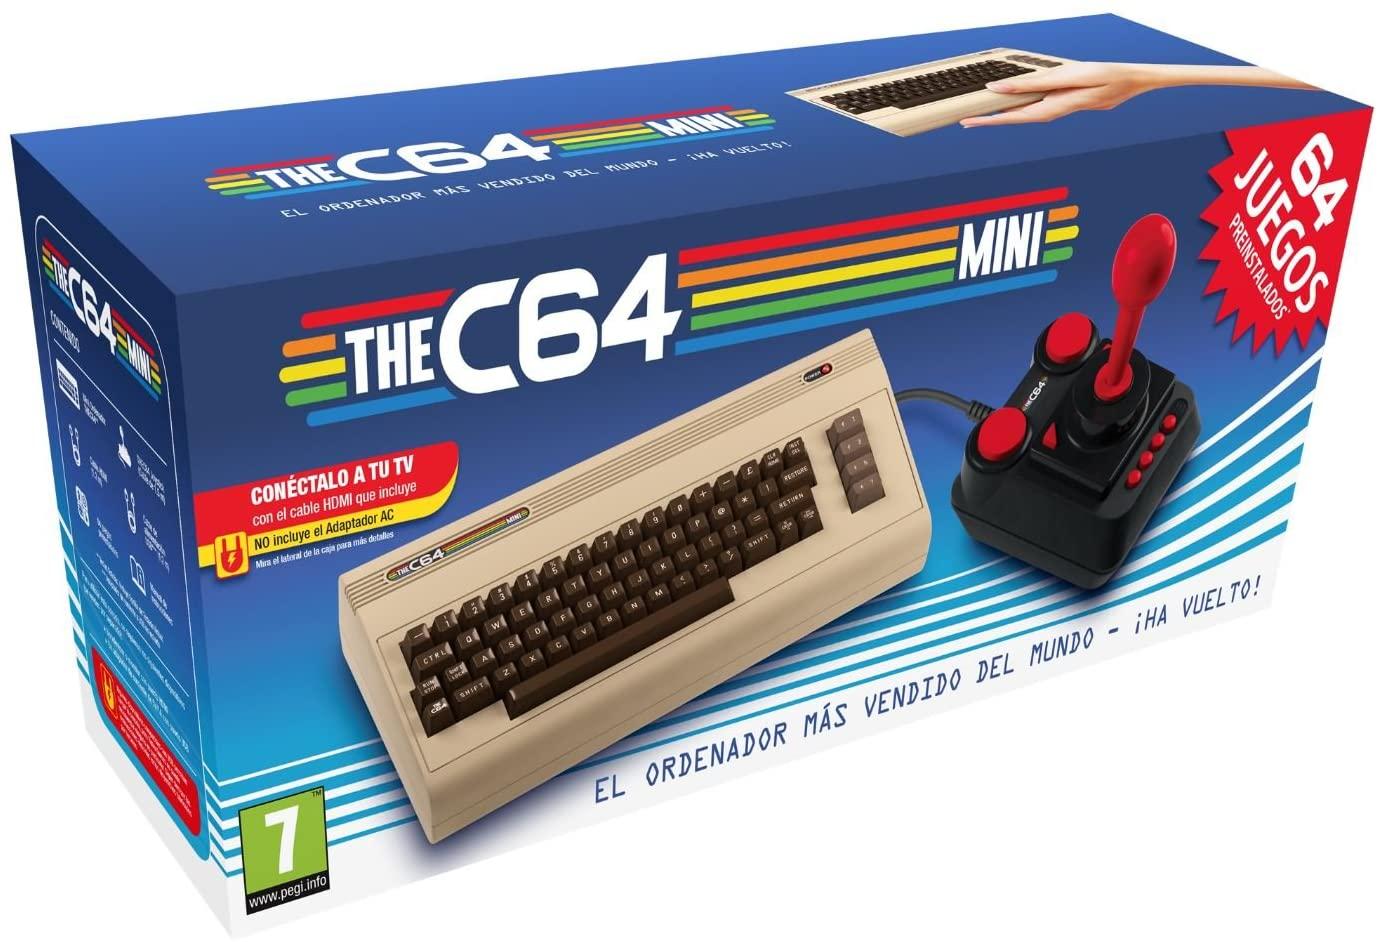 c64mini1 The C64 Mini